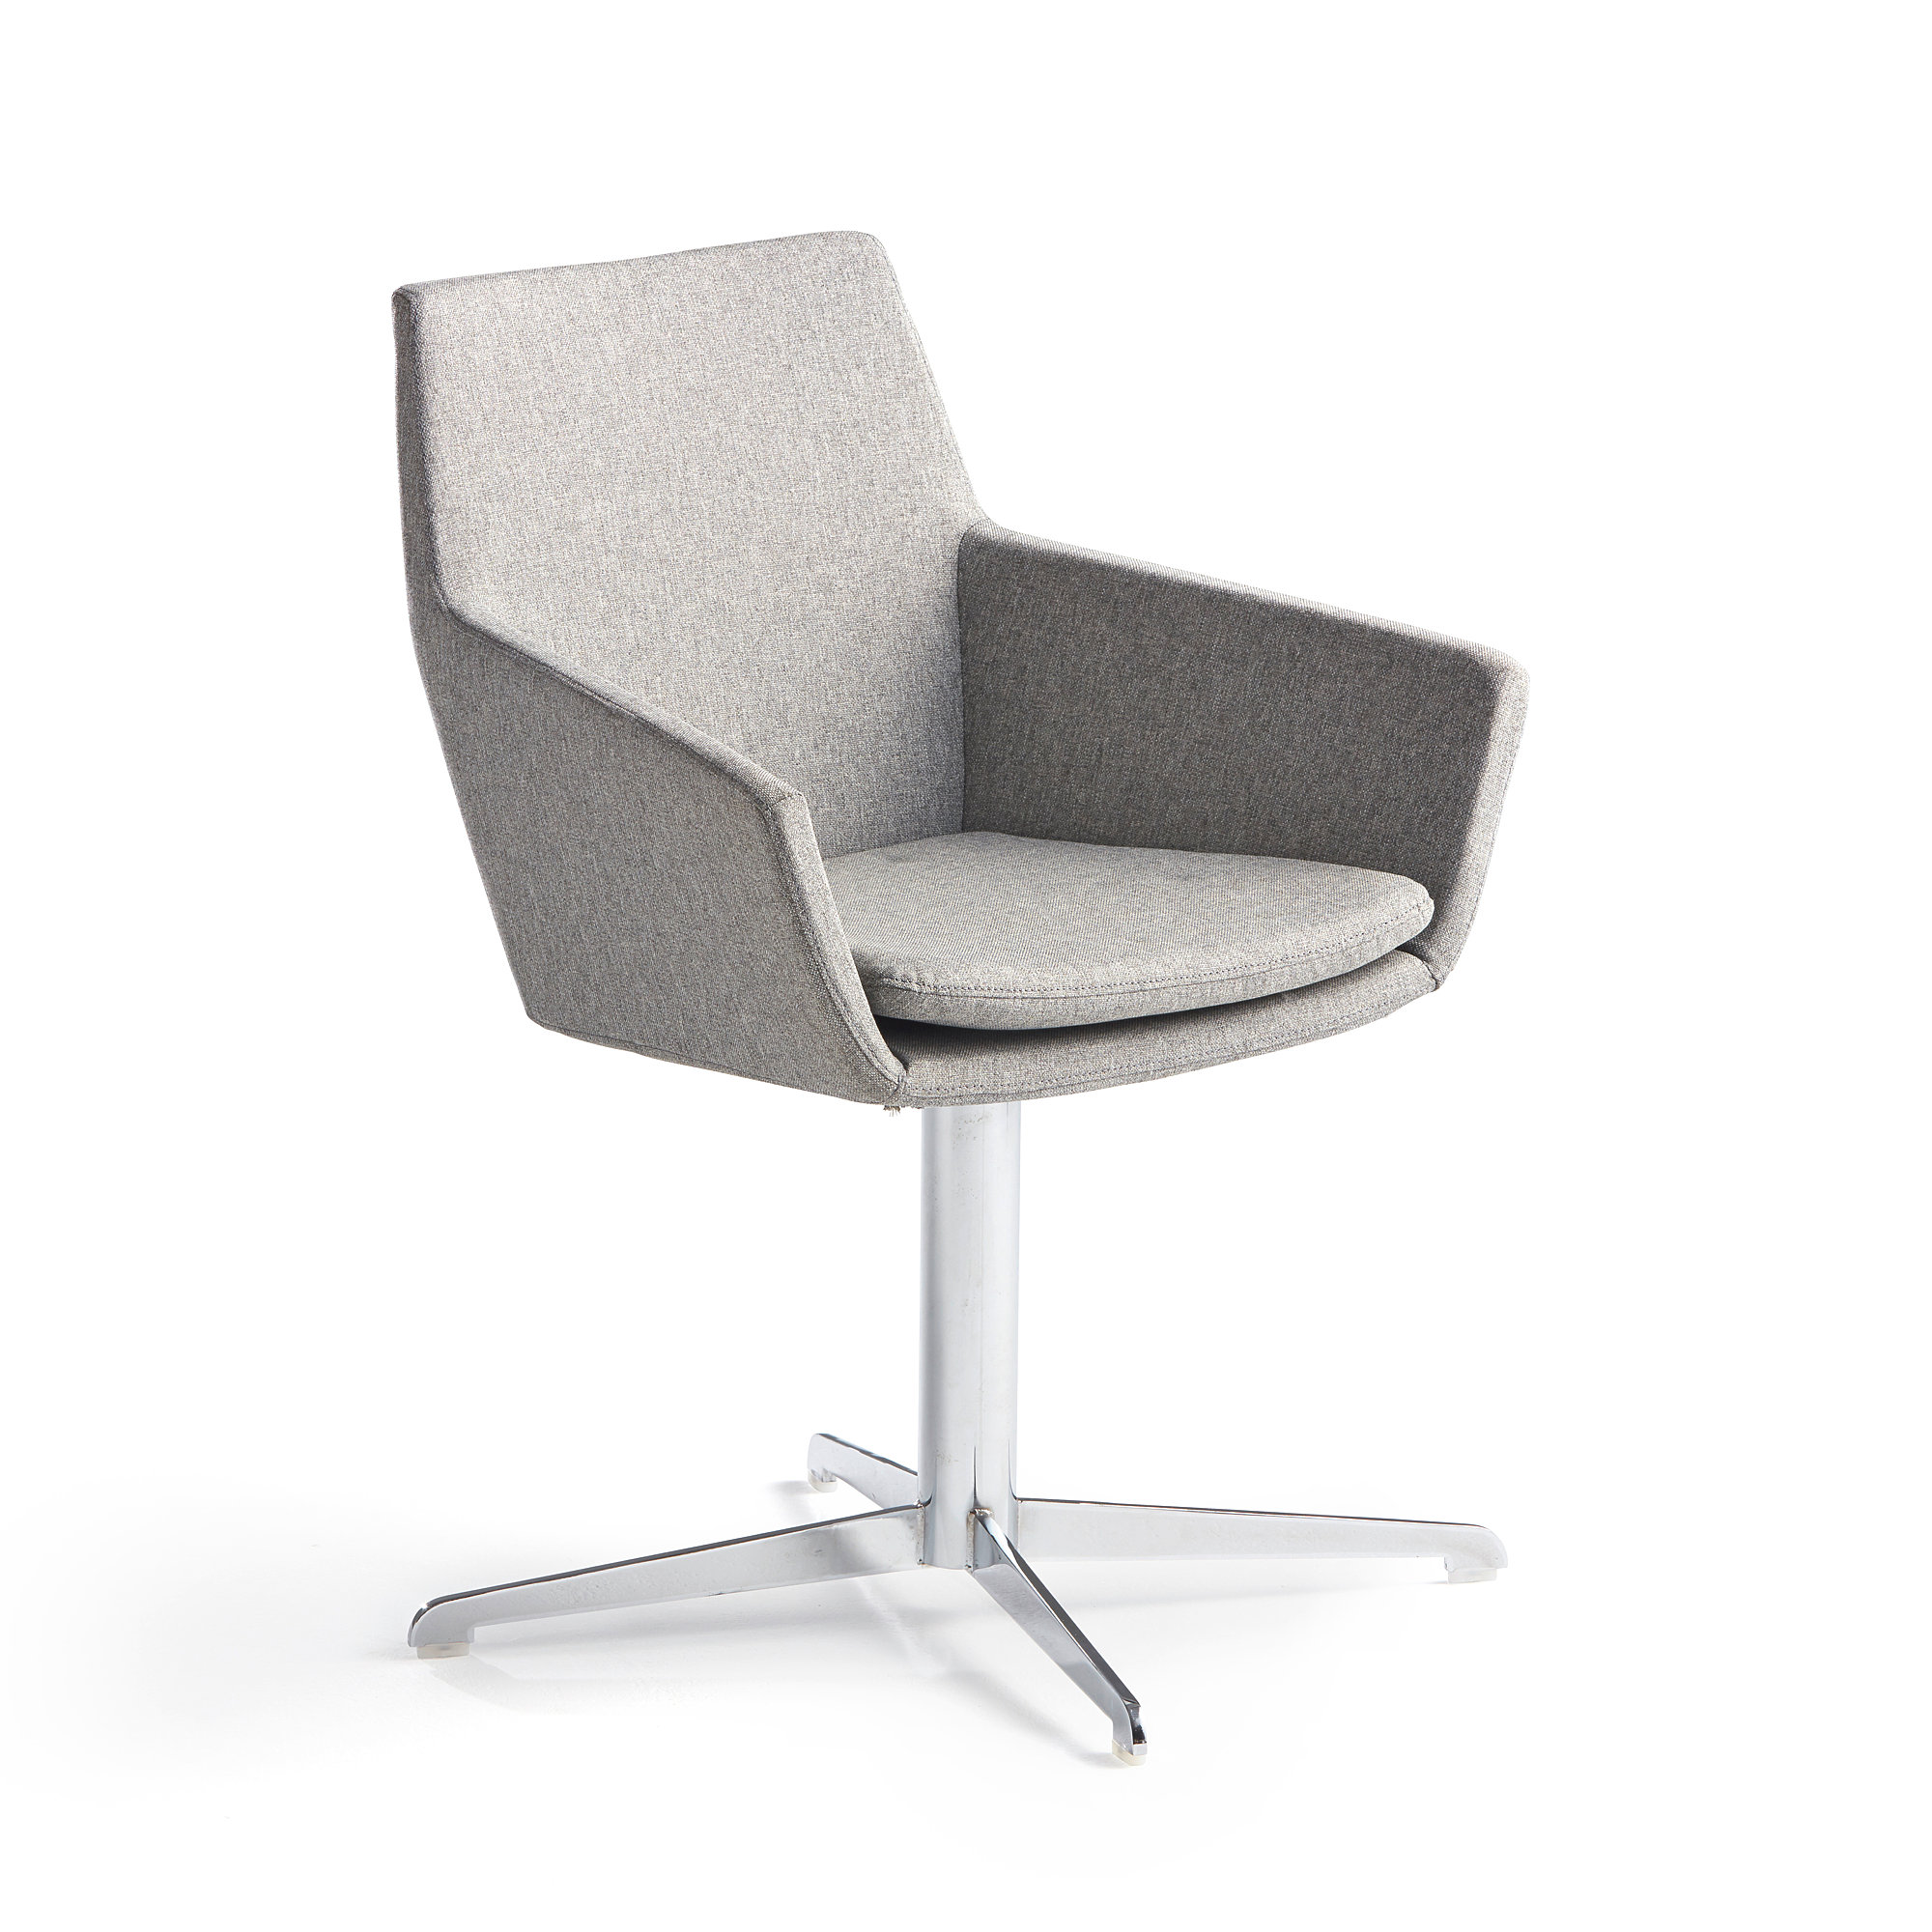 9c64e1522952 Konferenčná stolička Fairview